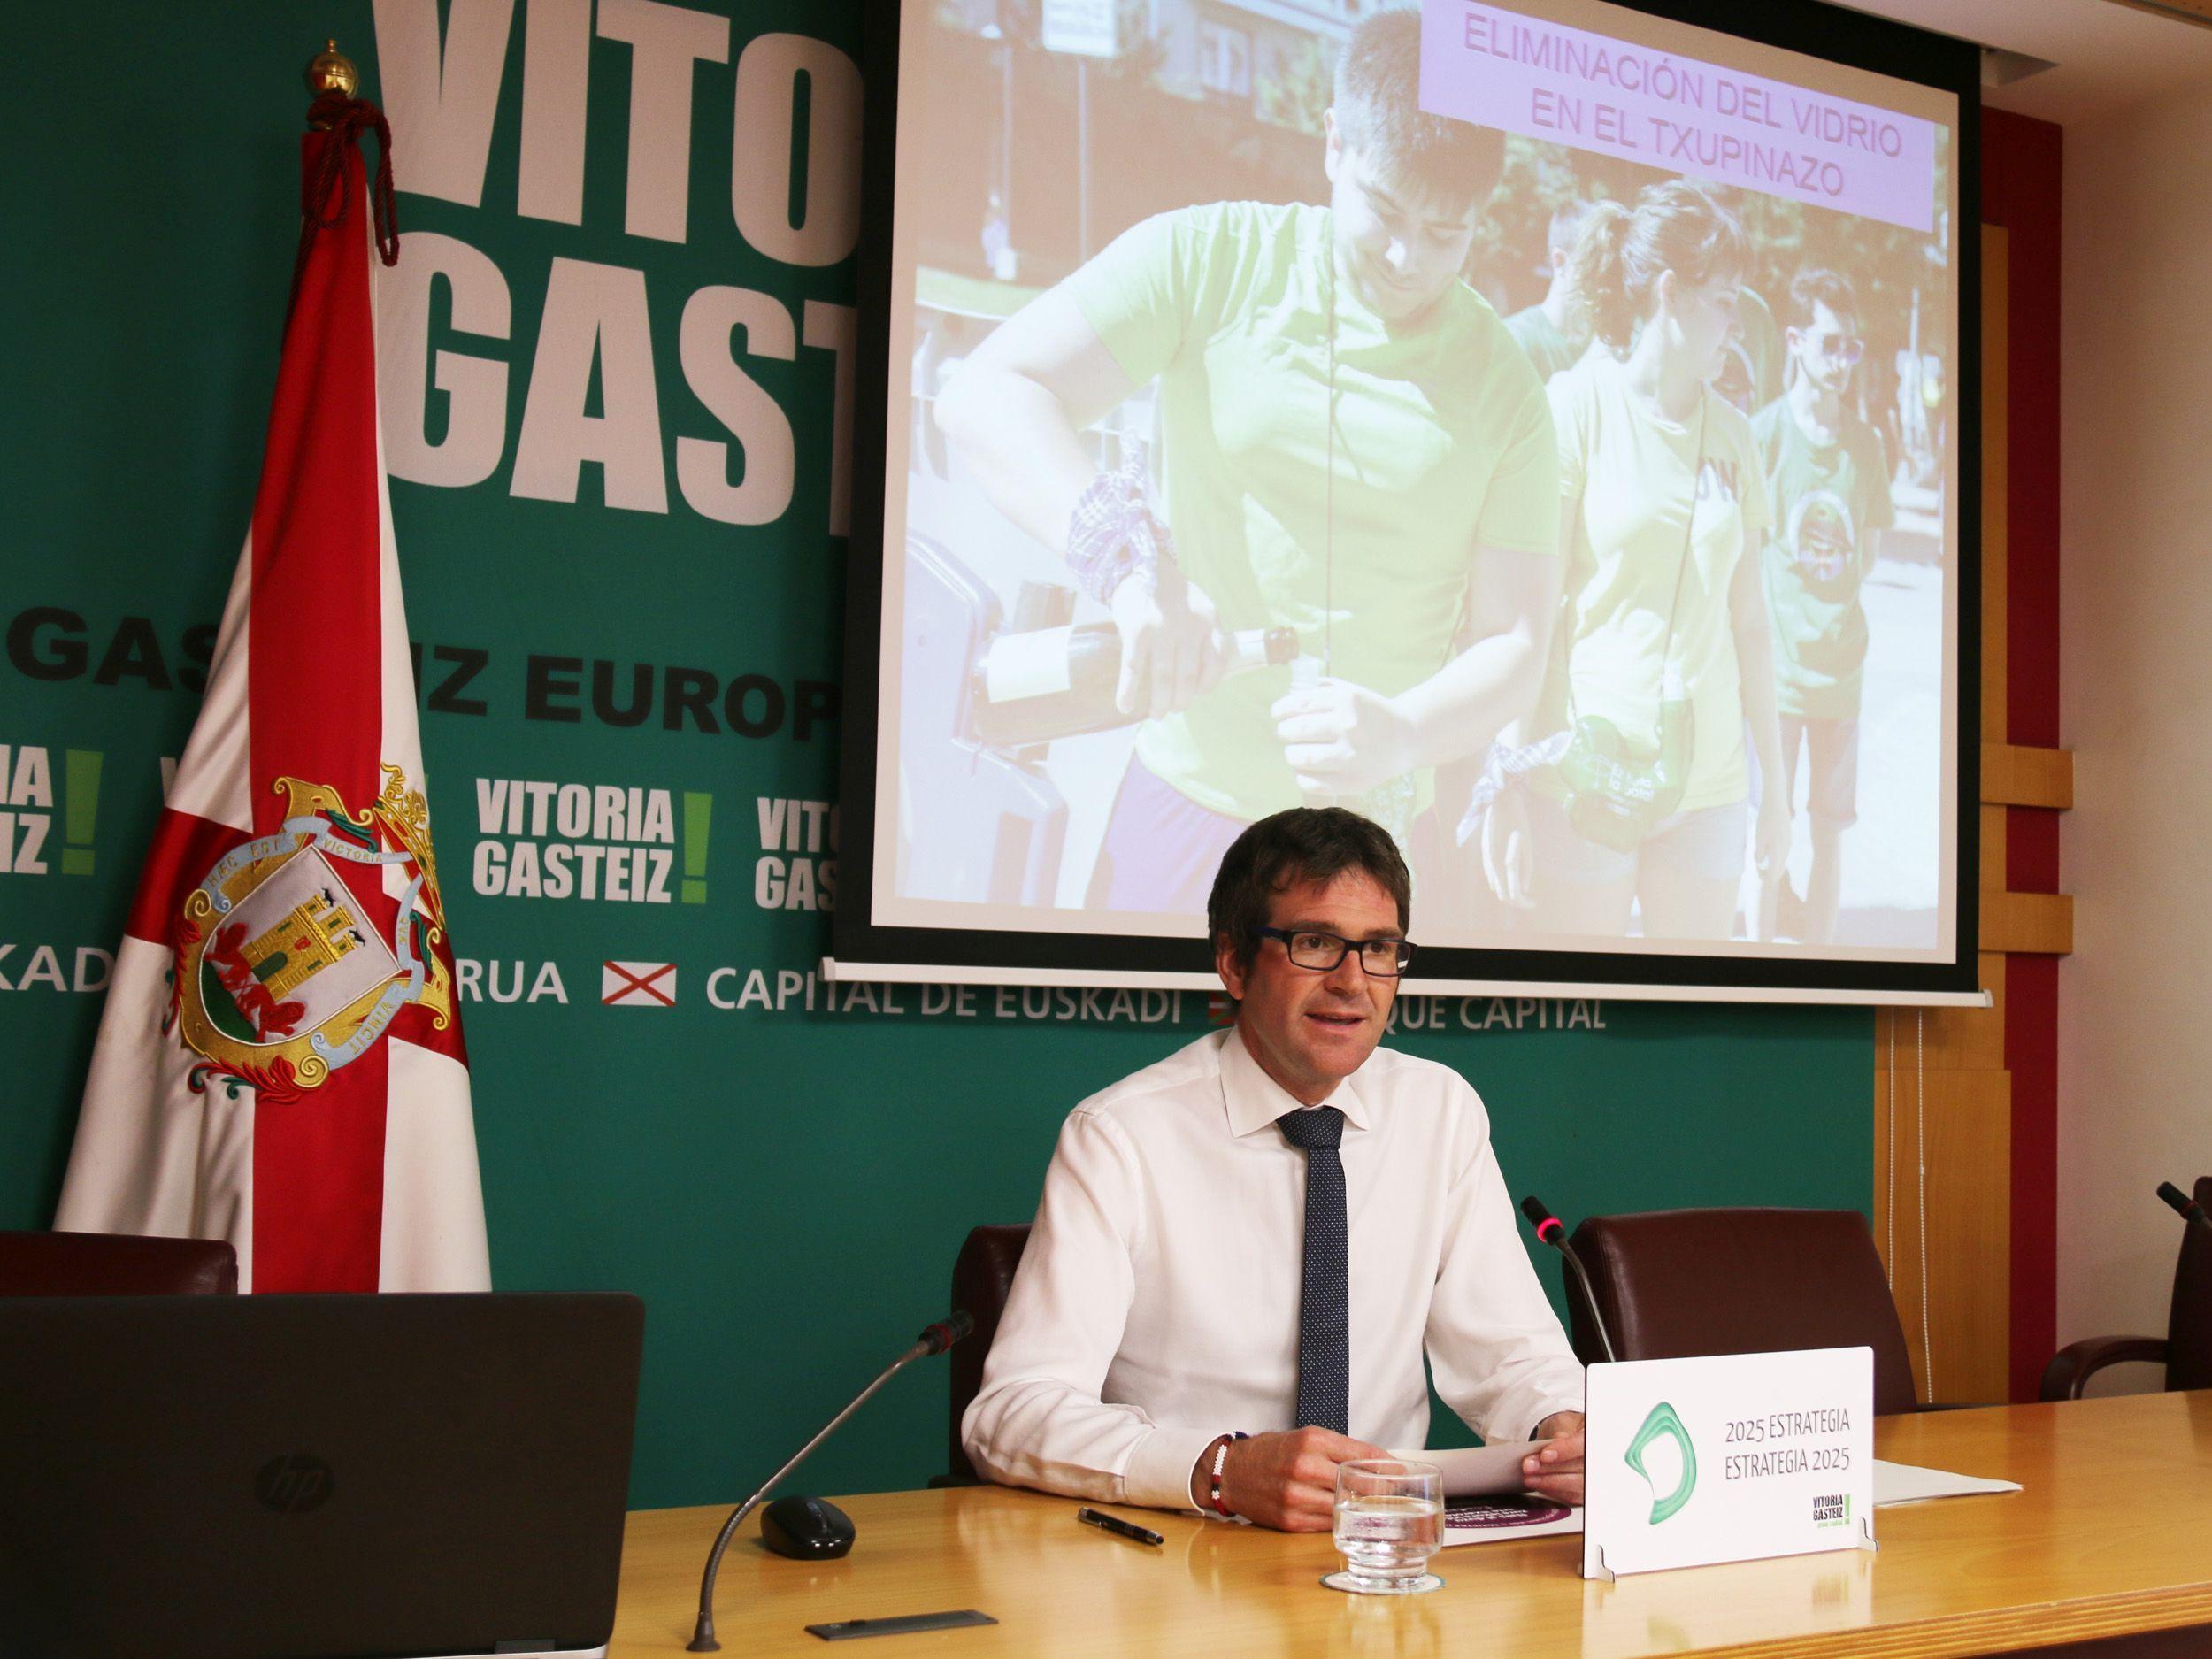 Vitoria-Gasteiz ultima los preparativos para vivir unas fiestas con ...